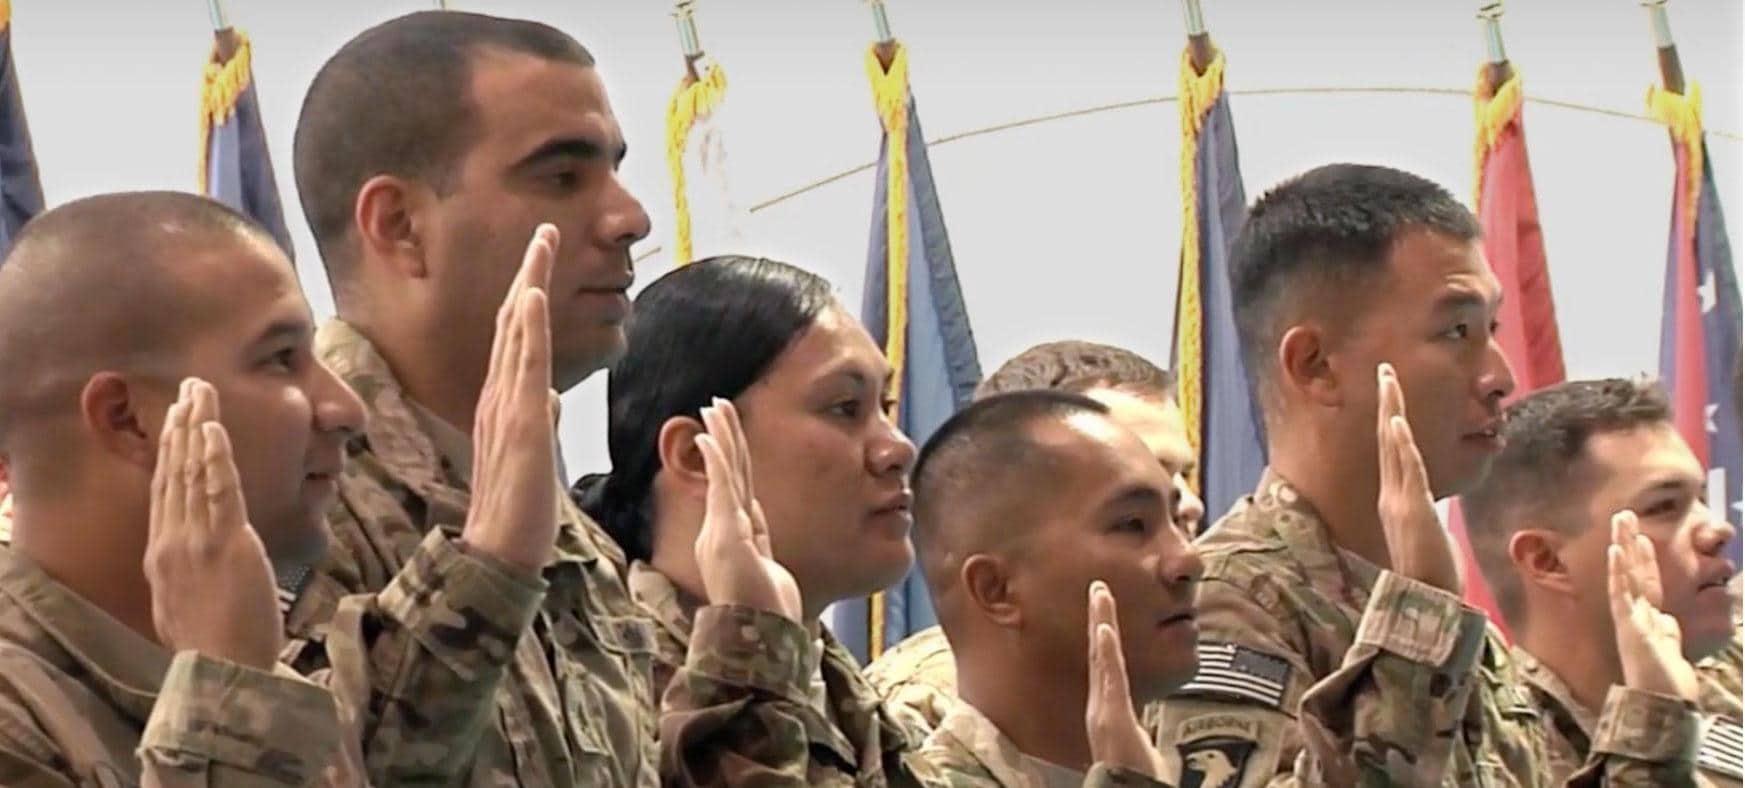 Troops taking an Oath